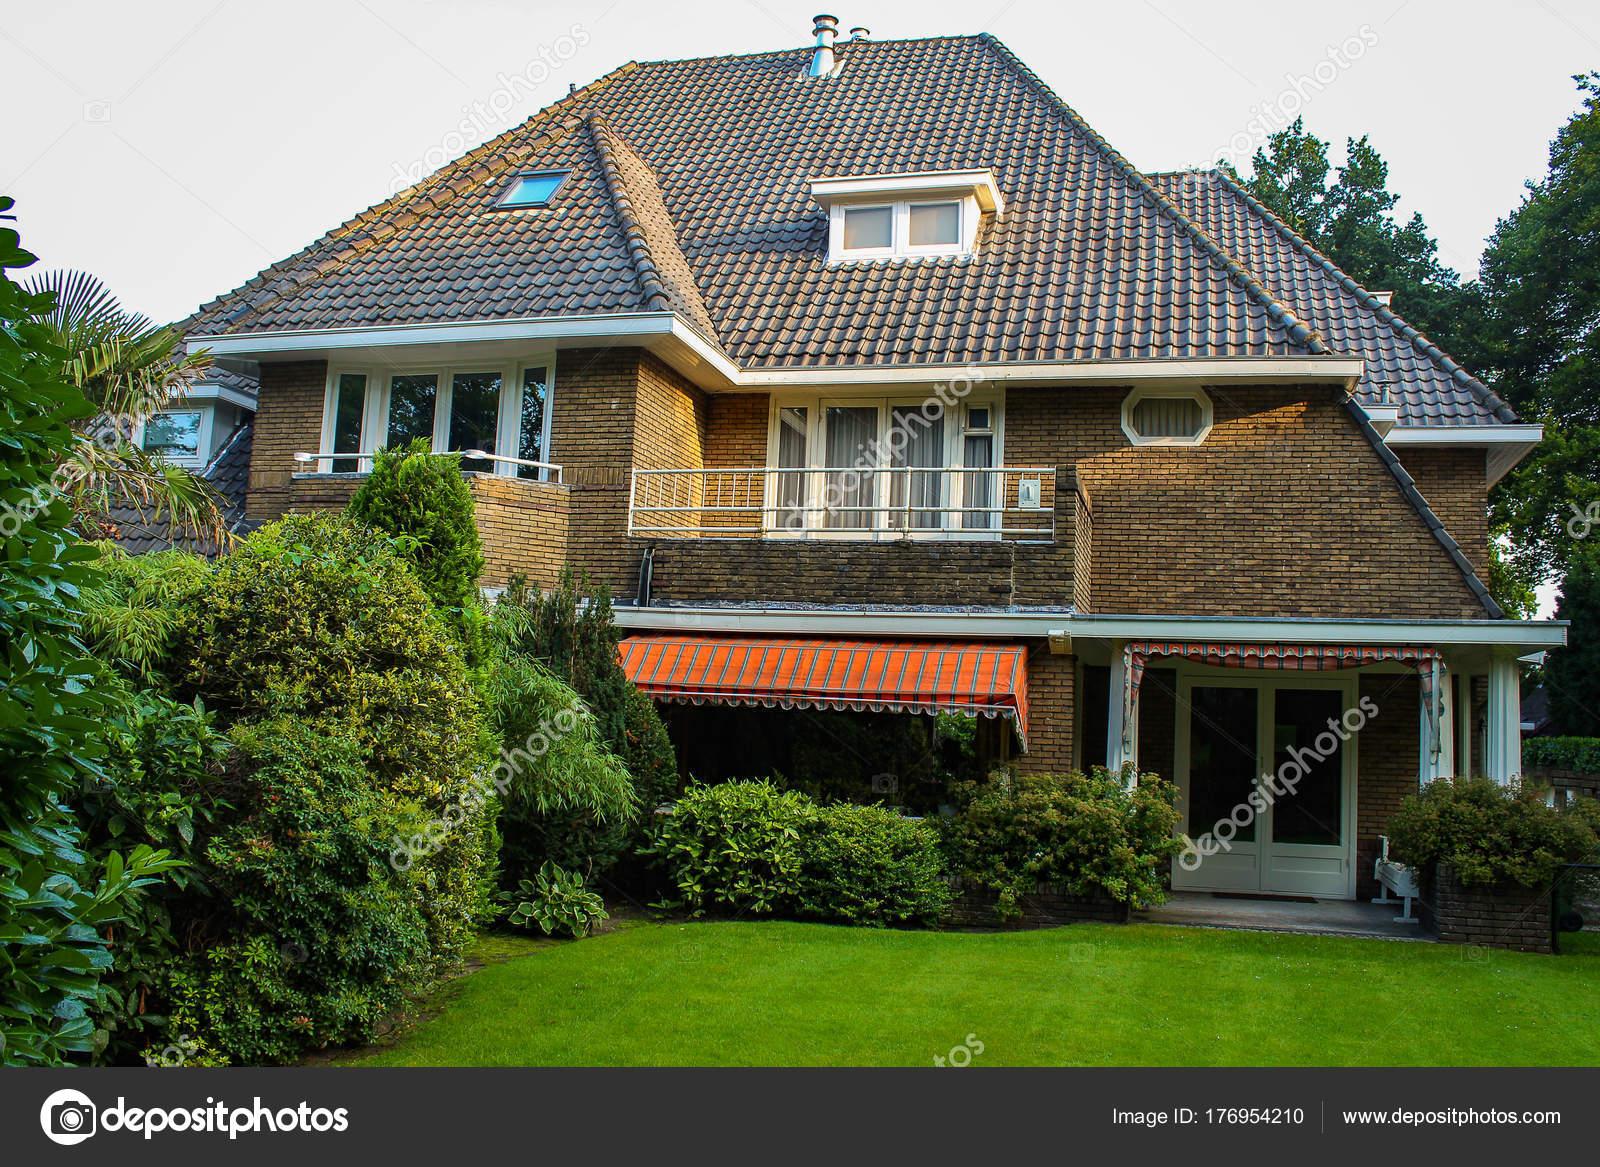 Im genes casas hermosas hermosa casa con c sped verde y for Fotos de casas modernas con jardin